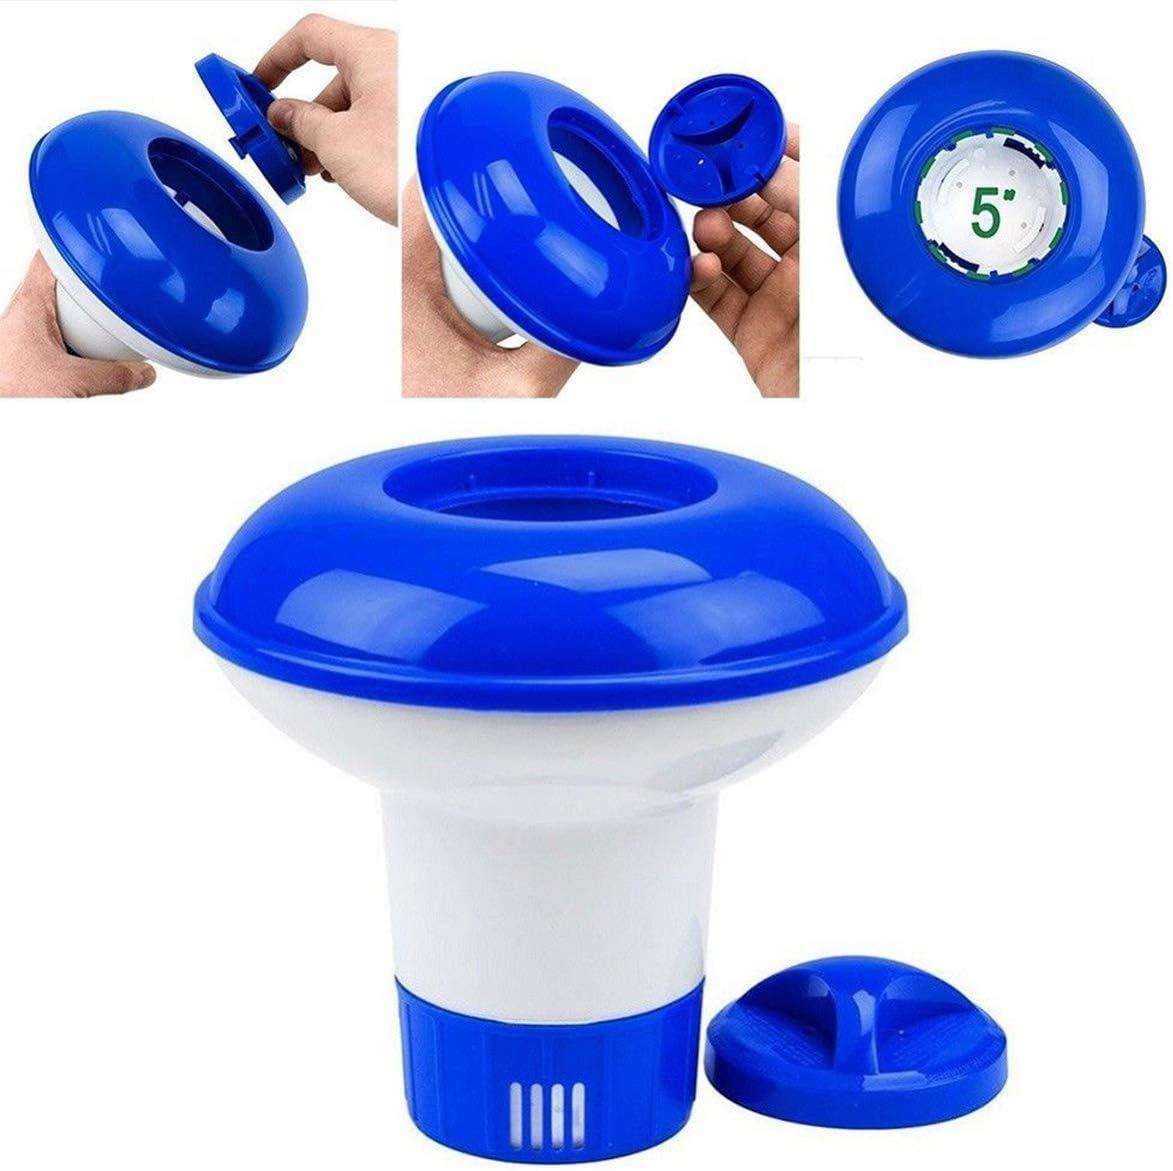 Flotador de Cloro para Pastillas de Cloro, Flotador de Tabletas de Cloro para Piscina, Dispensador de Cloro, Dosificador Pastillas Flotante Piscina